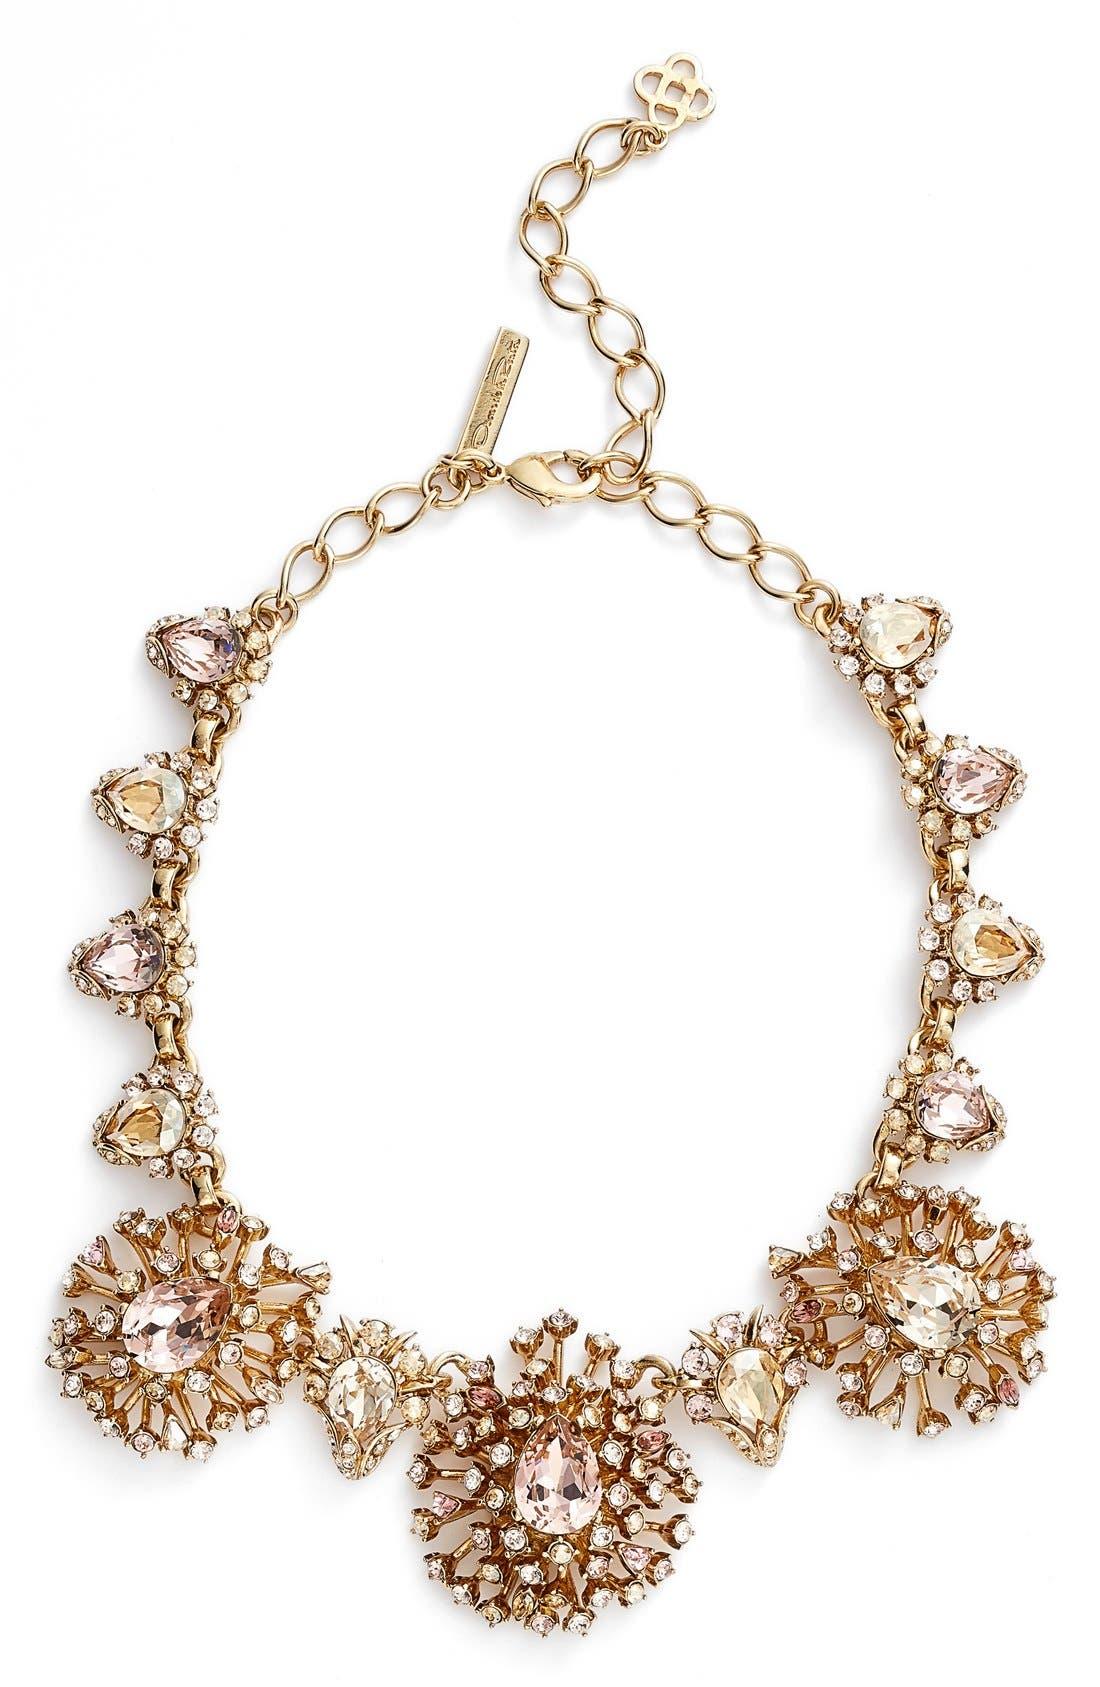 Alternate Image 1 Selected - Oscar de la Renta 'Tiered Crystal' Necklace